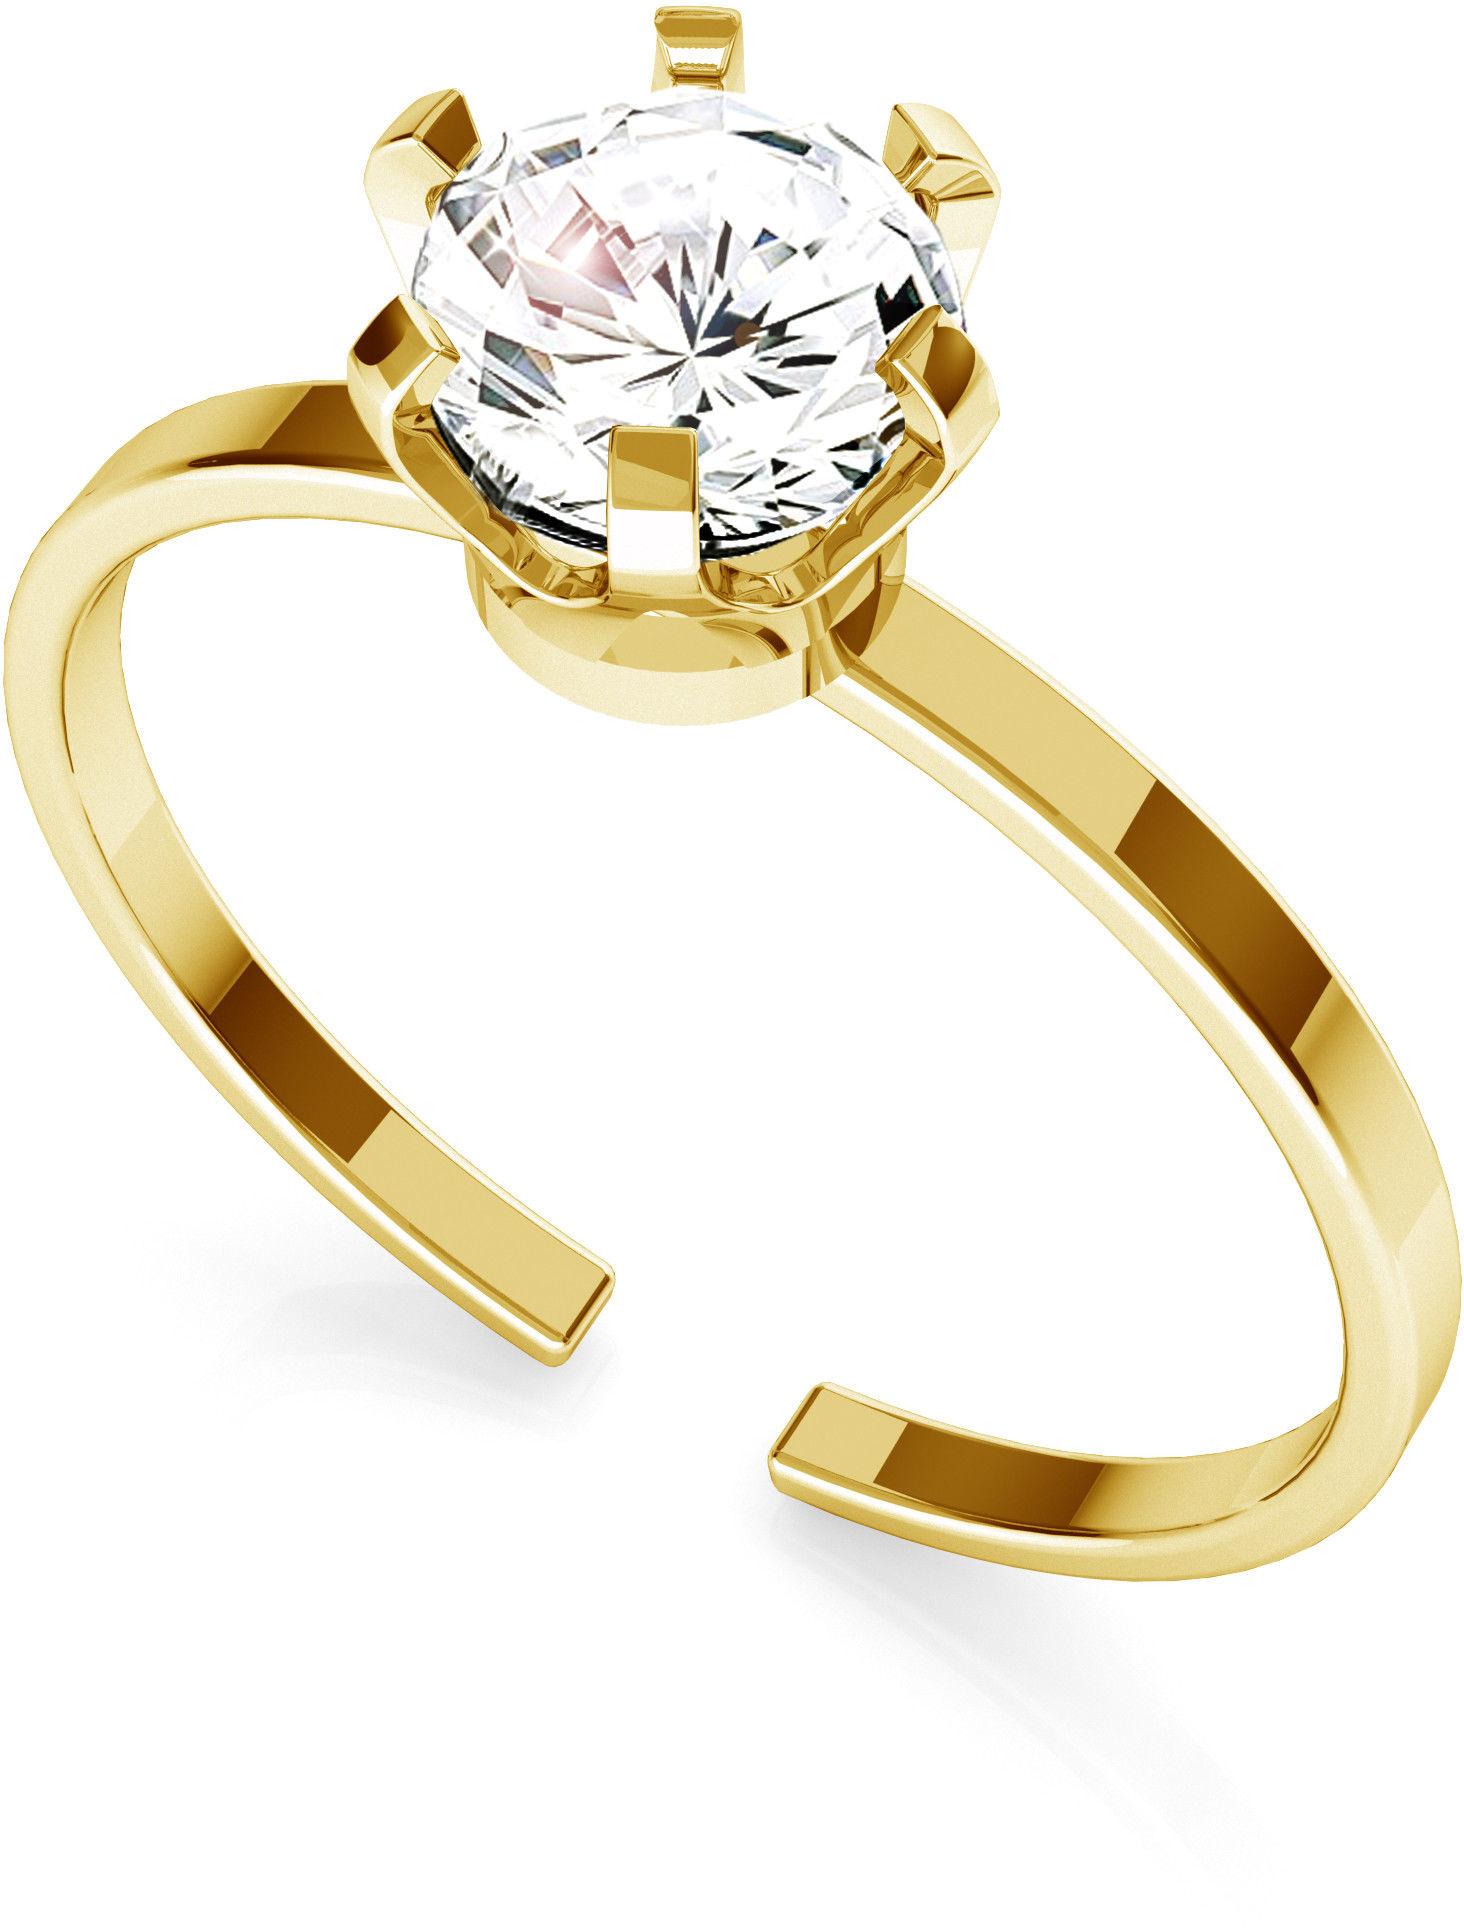 Srebrny pierścionek z cyrkonią 6mm My RING, srebro 925 : Srebro - kolor pokrycia - Pokrycie żółtym 18K złotem